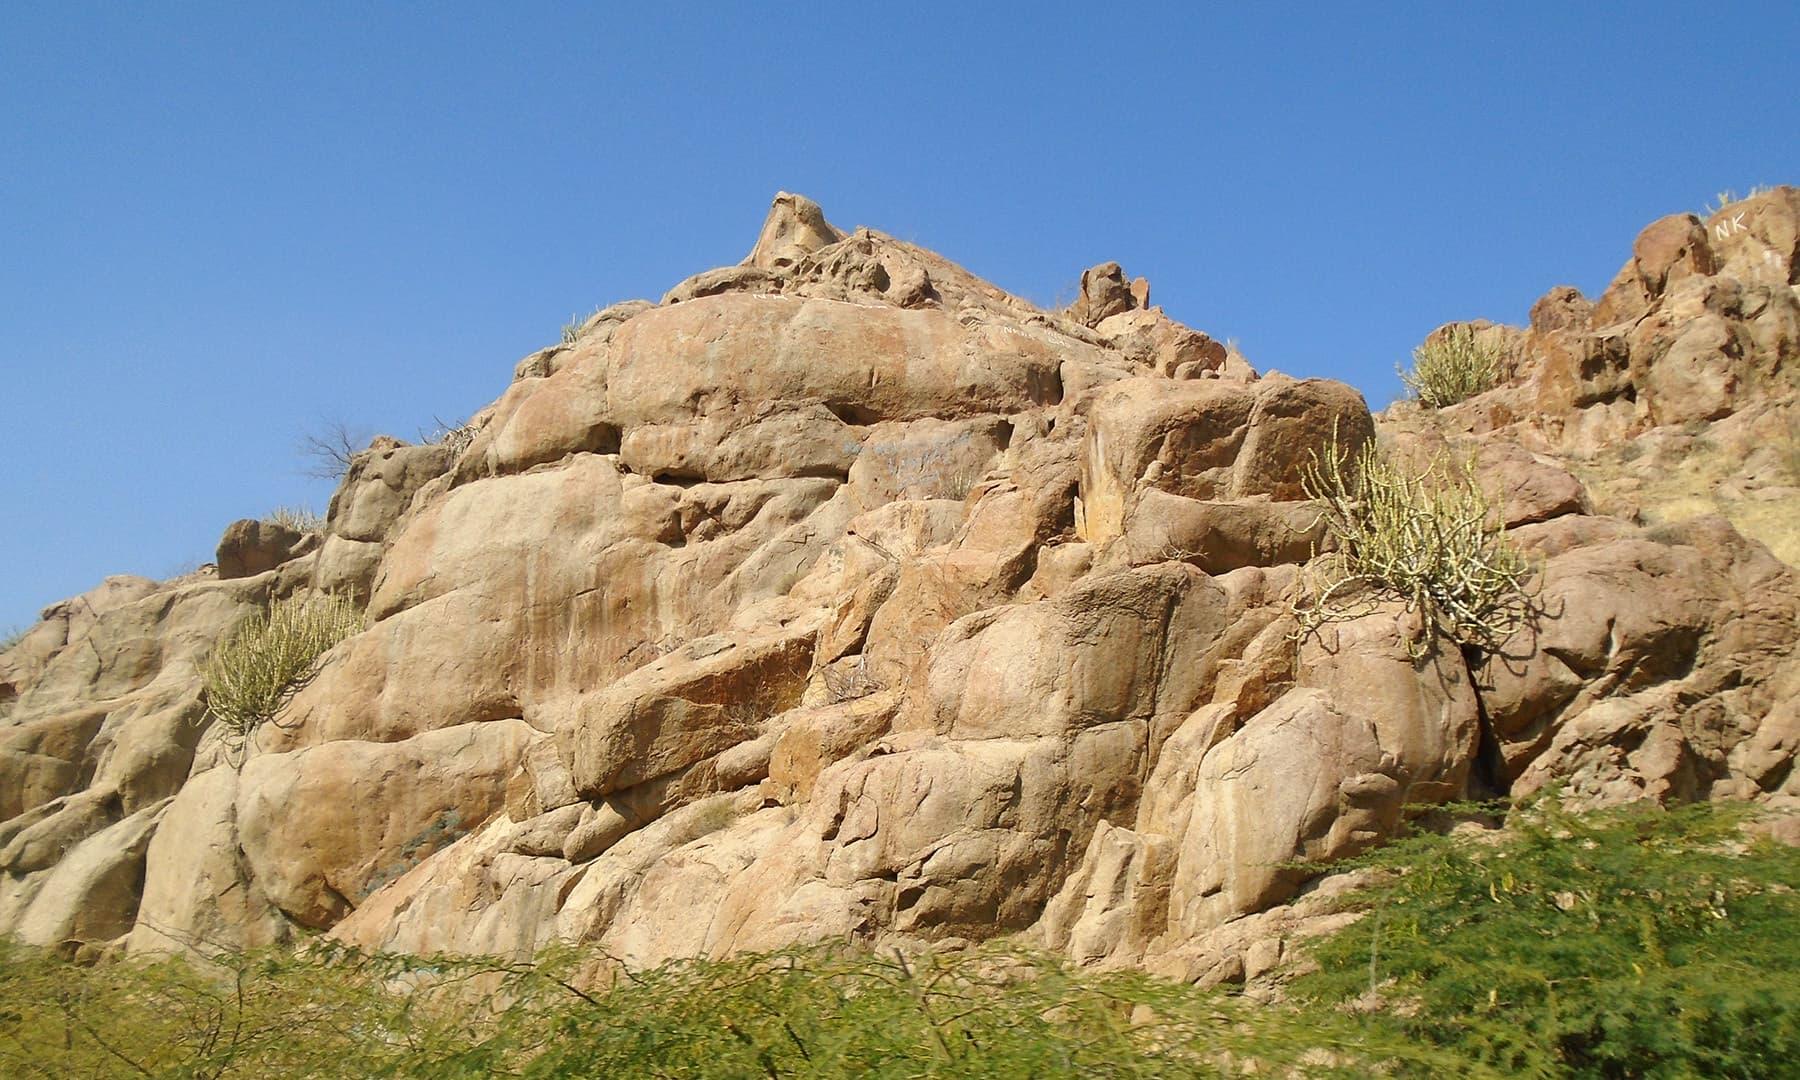 یہ جگہ چاروں جانب سے گرینائٹ کے پہاڑوں سے گھری ہوئی ہے.